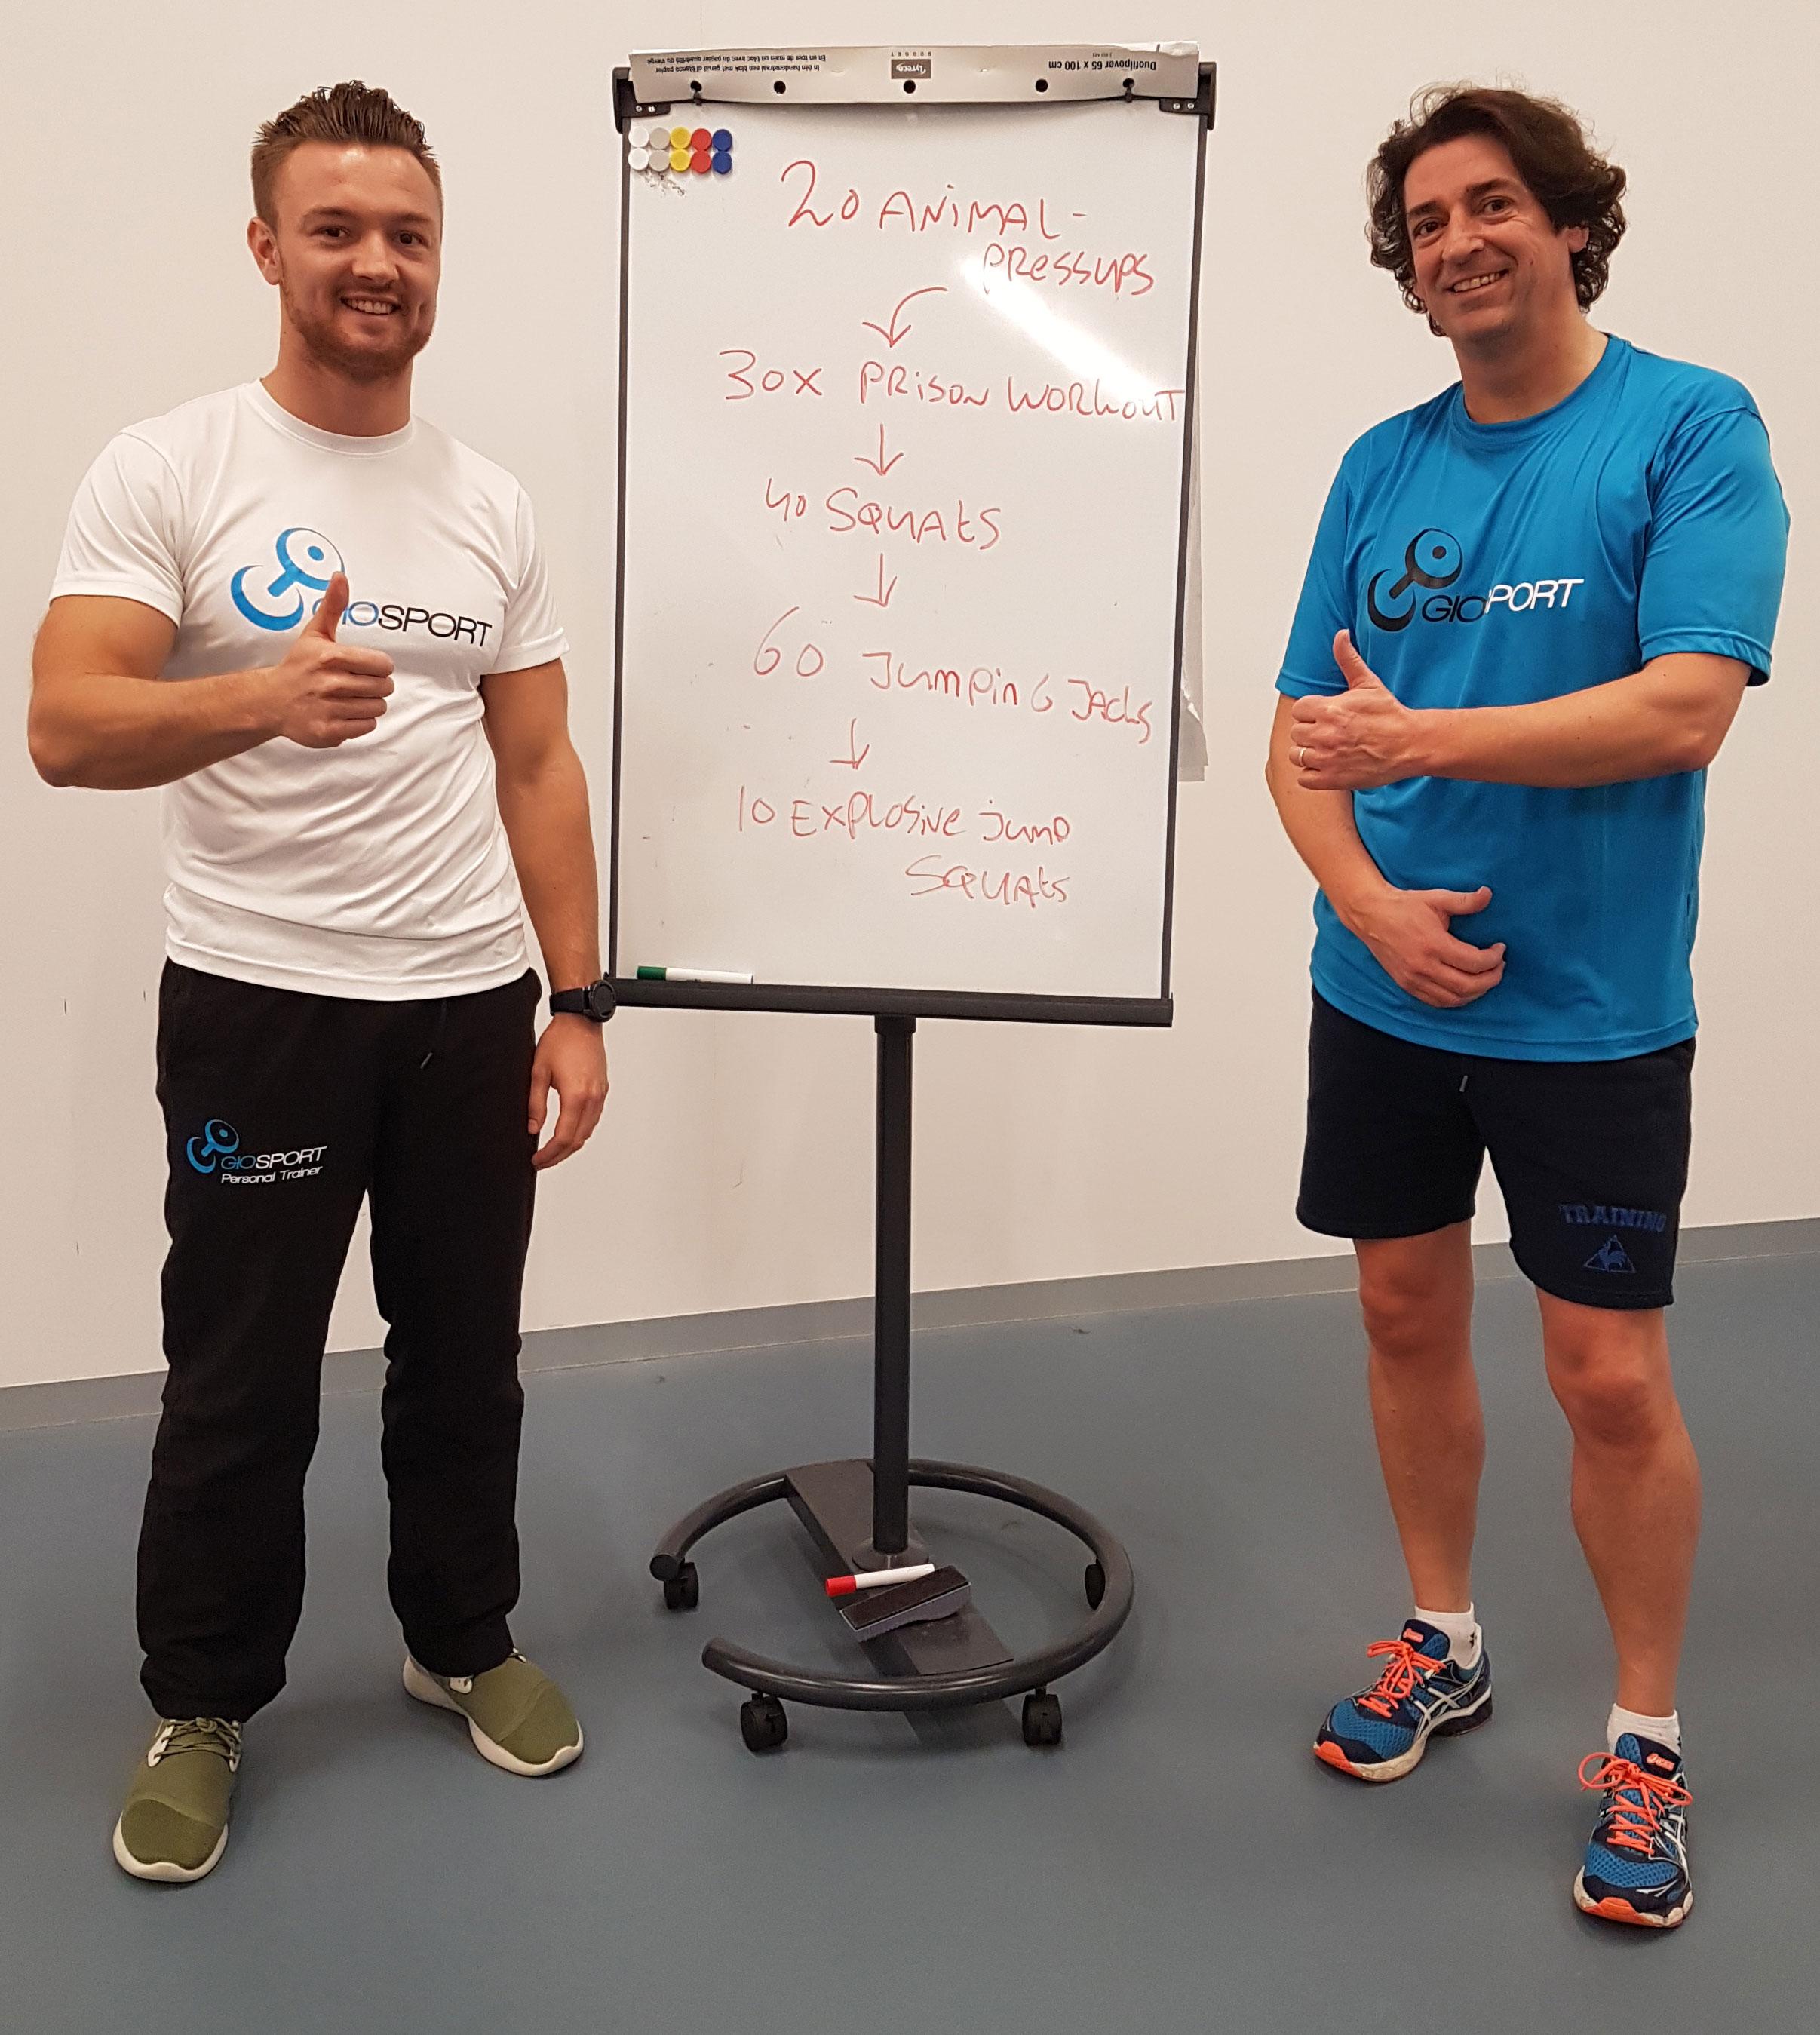 personal training bij lorenzo gio personal trainer rotterdam alexander